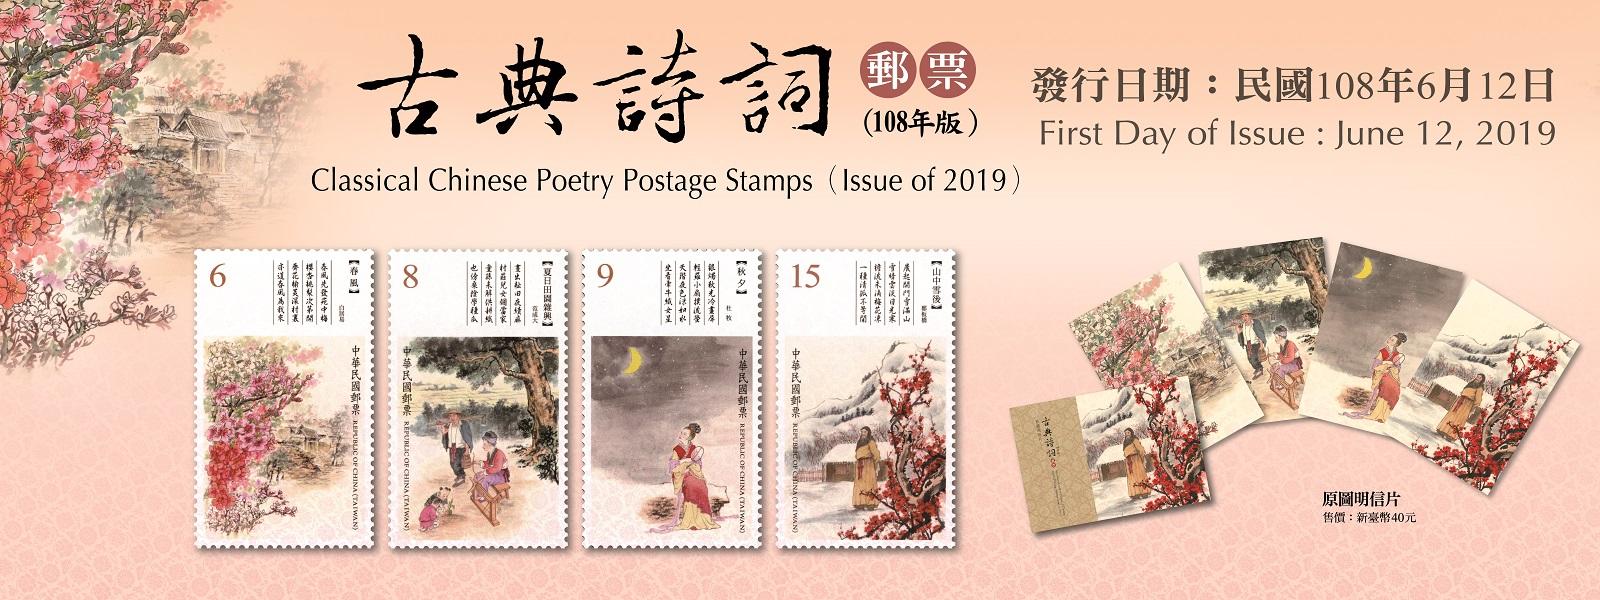 廣告連結:特677 古典詩詞郵票(108年版)(另開視窗)